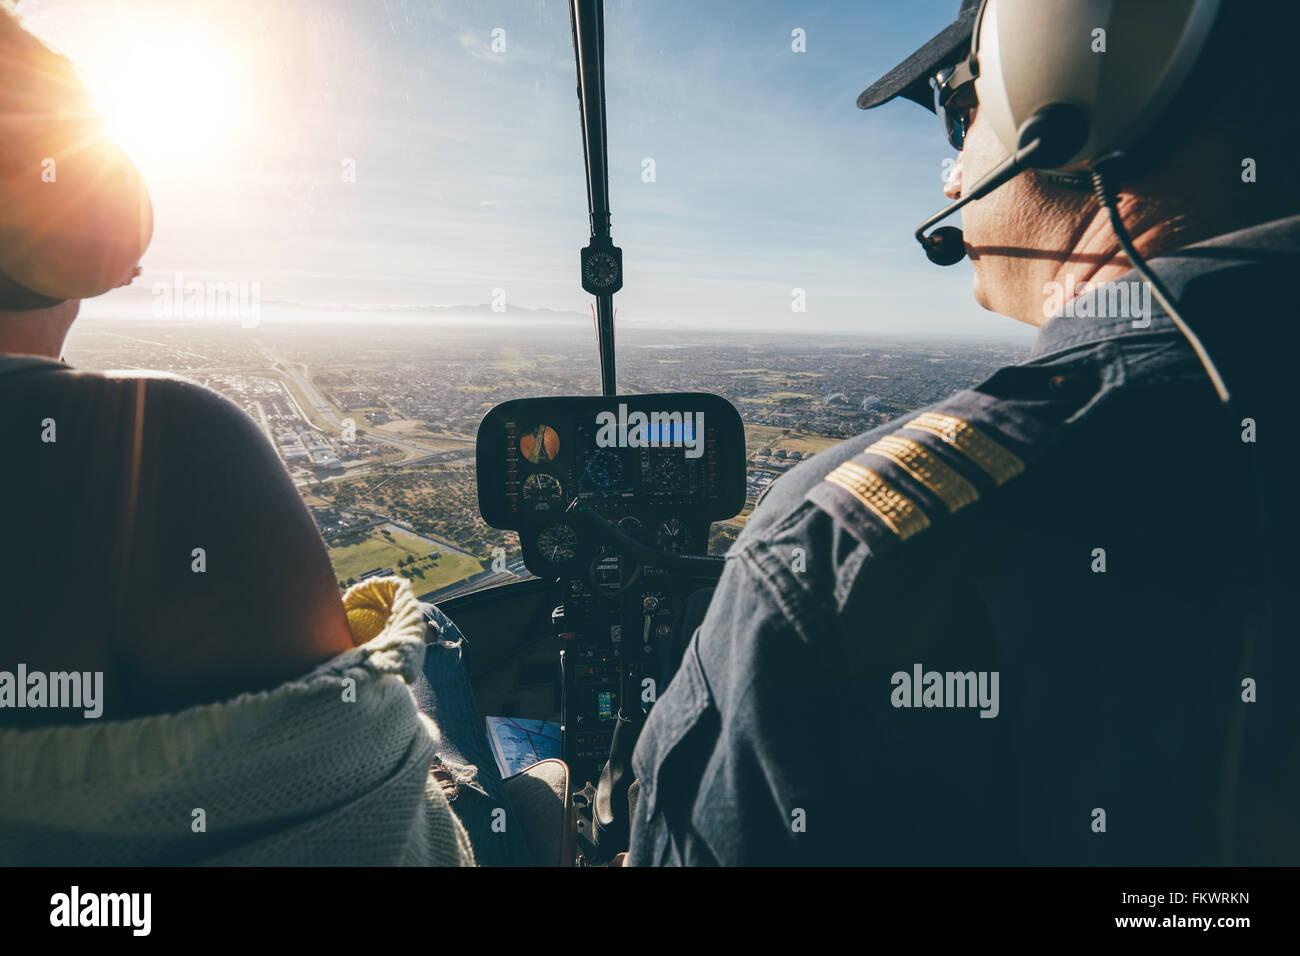 Rückansicht der beiden Piloten fliegen eines Hubschraubers am sonnigen Tag. Schuss des Piloten sitzen im Cockpit Stockbild